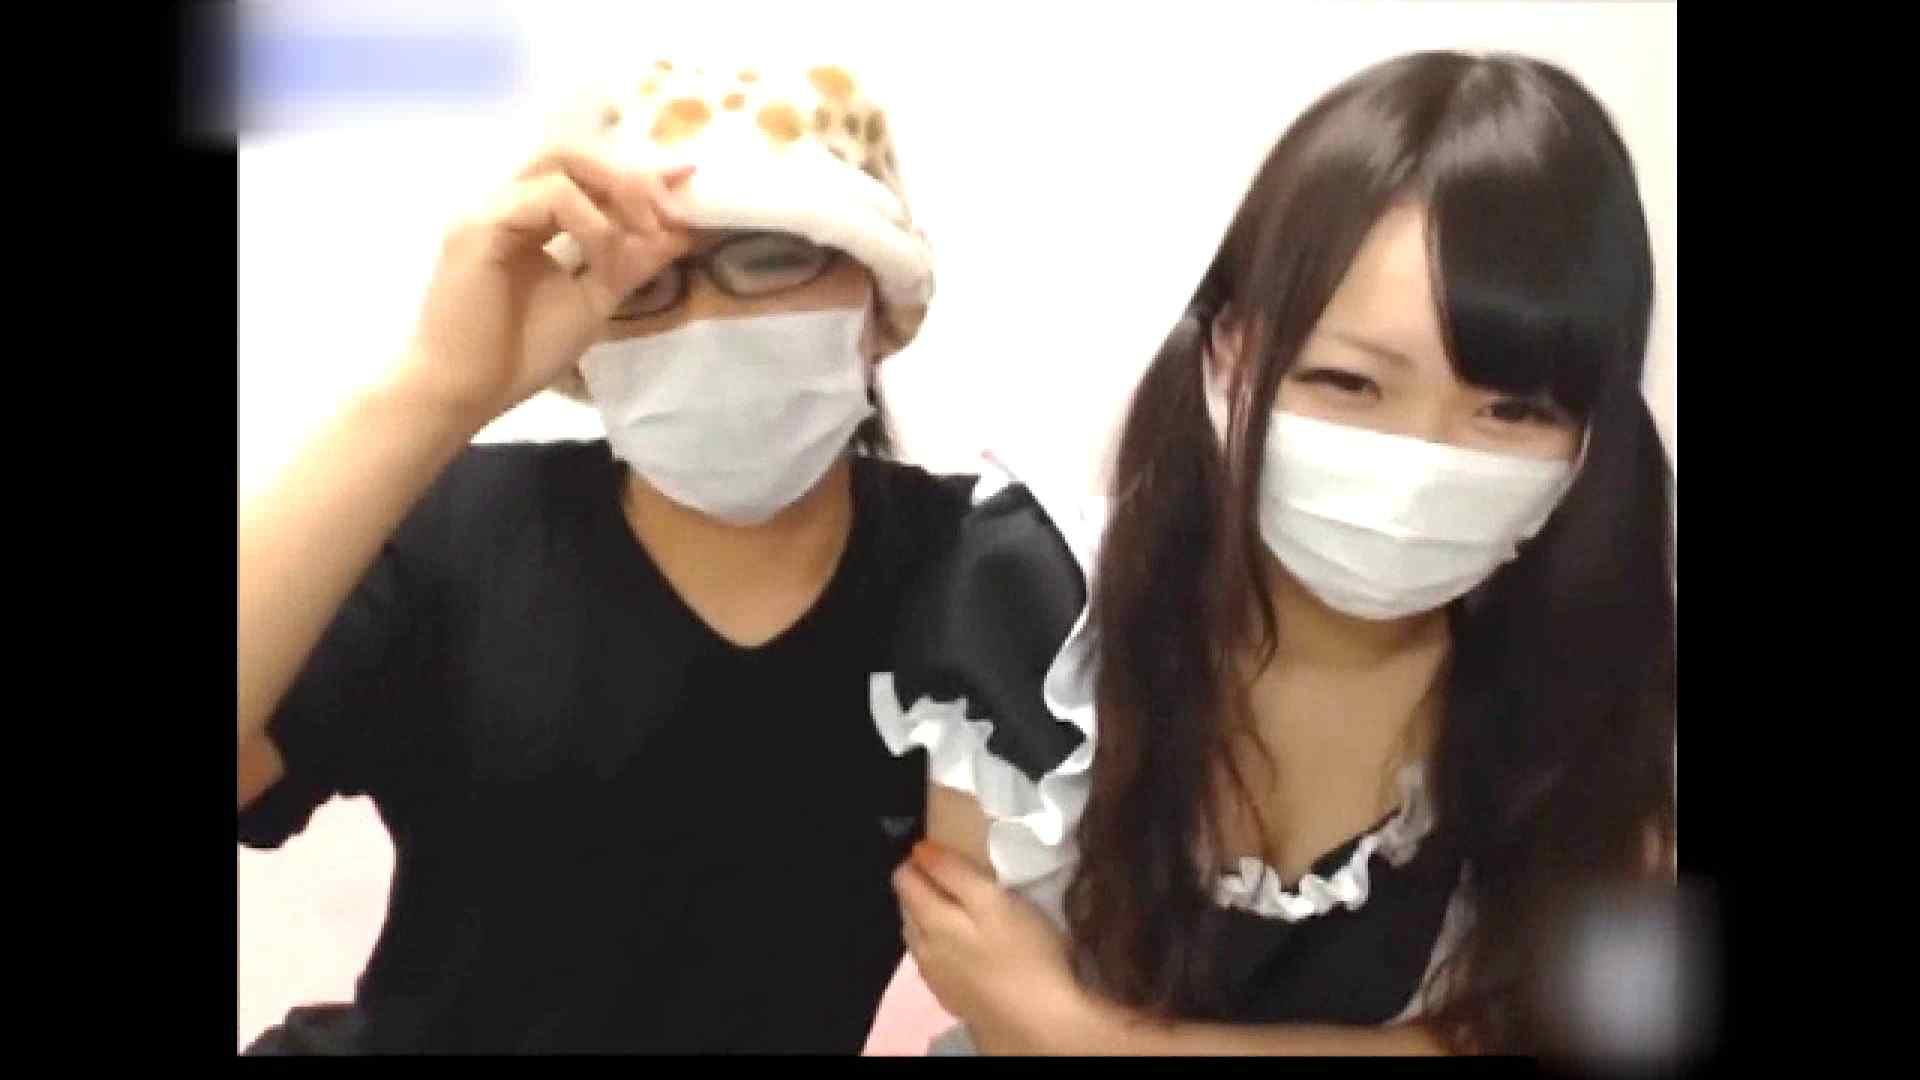 斬新な男女の営み Vol.32 美女 盗撮動画紹介 23連発 3